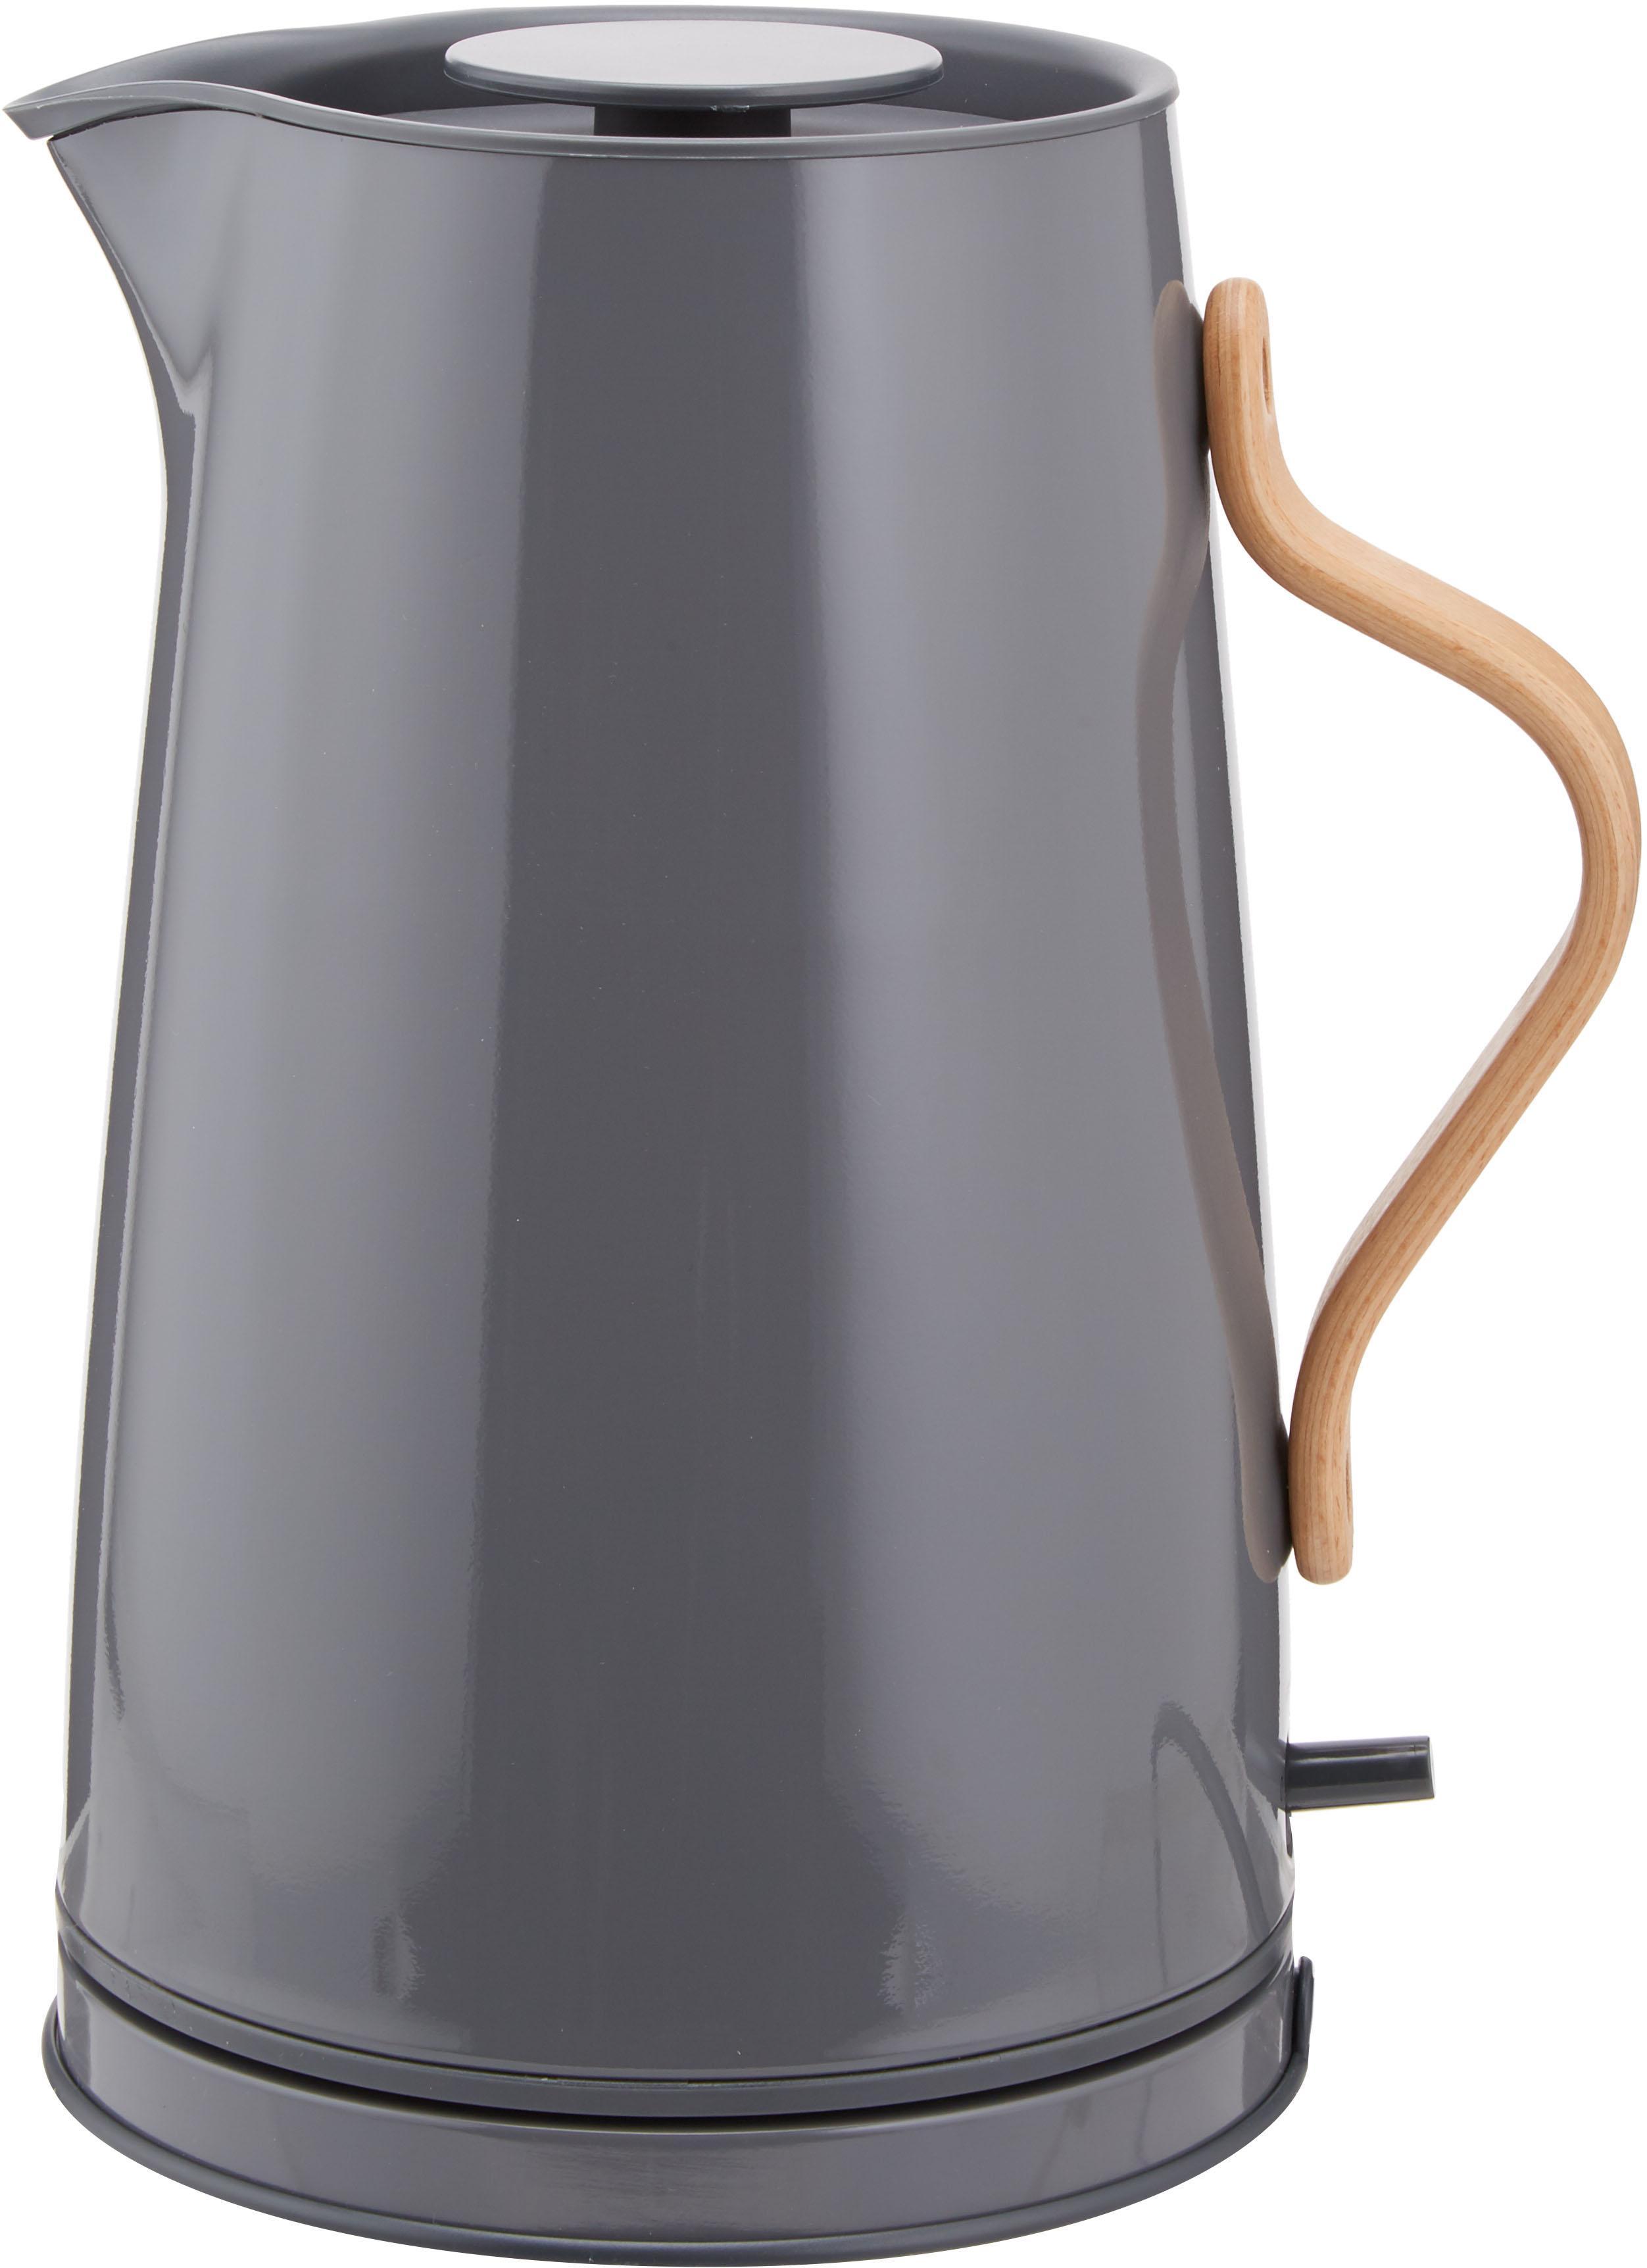 Waterkoker Emma, Grijs, 1.2 L